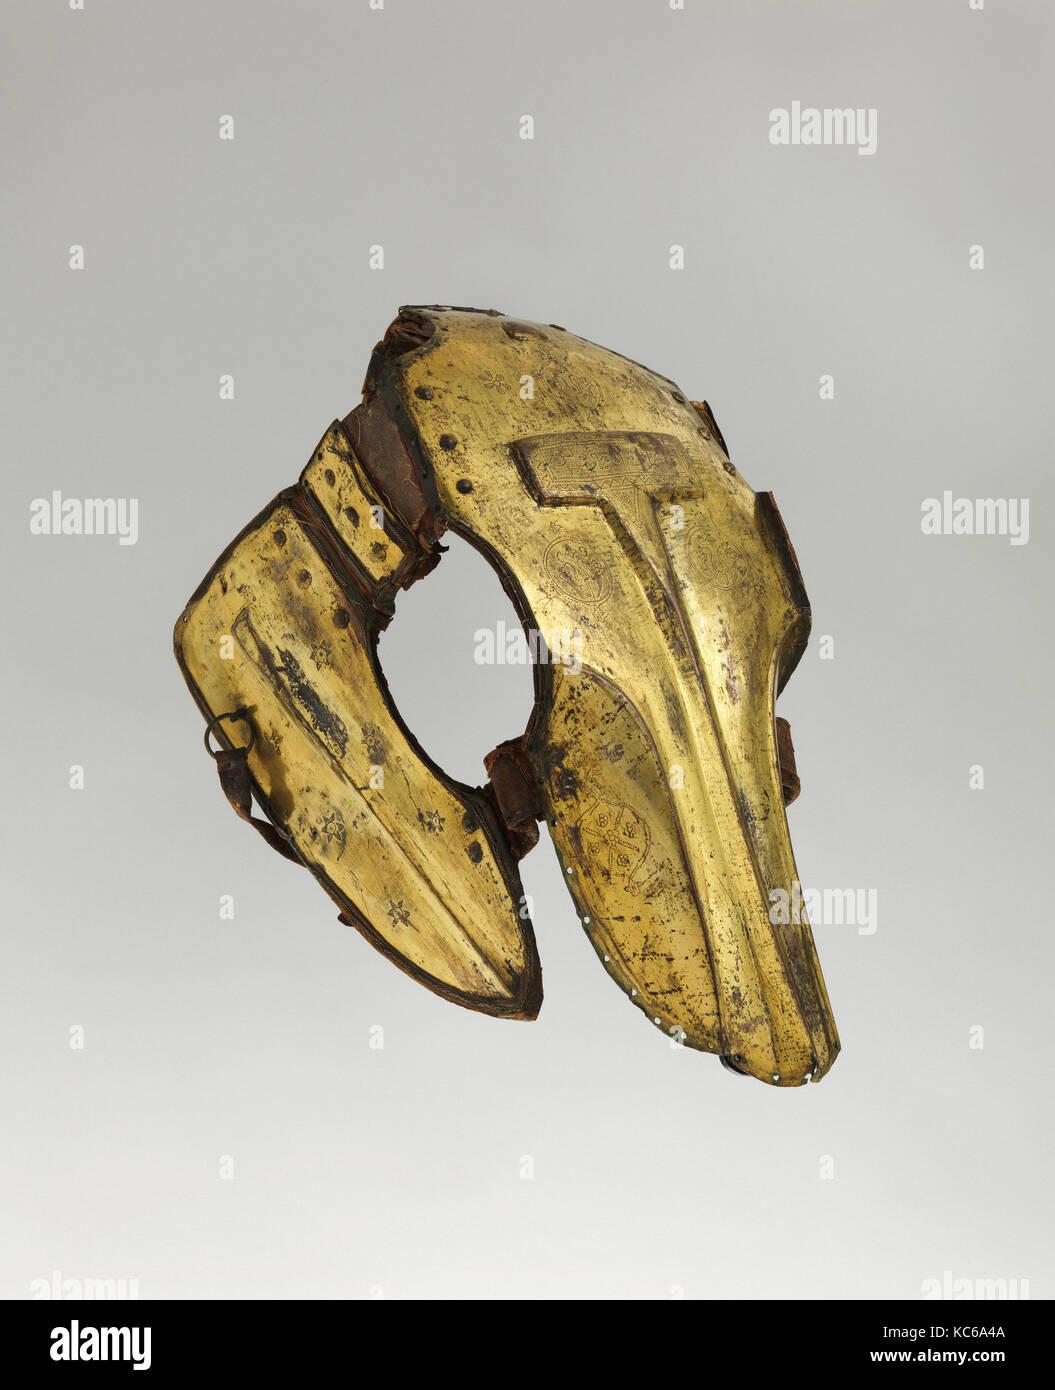 shaffron pferdekopf verteidigung aus dem 17 jahrhundert trkisch gold kupfer legierung tombak leder textil h 20 38 in 518 cm - Legierung Beispiele